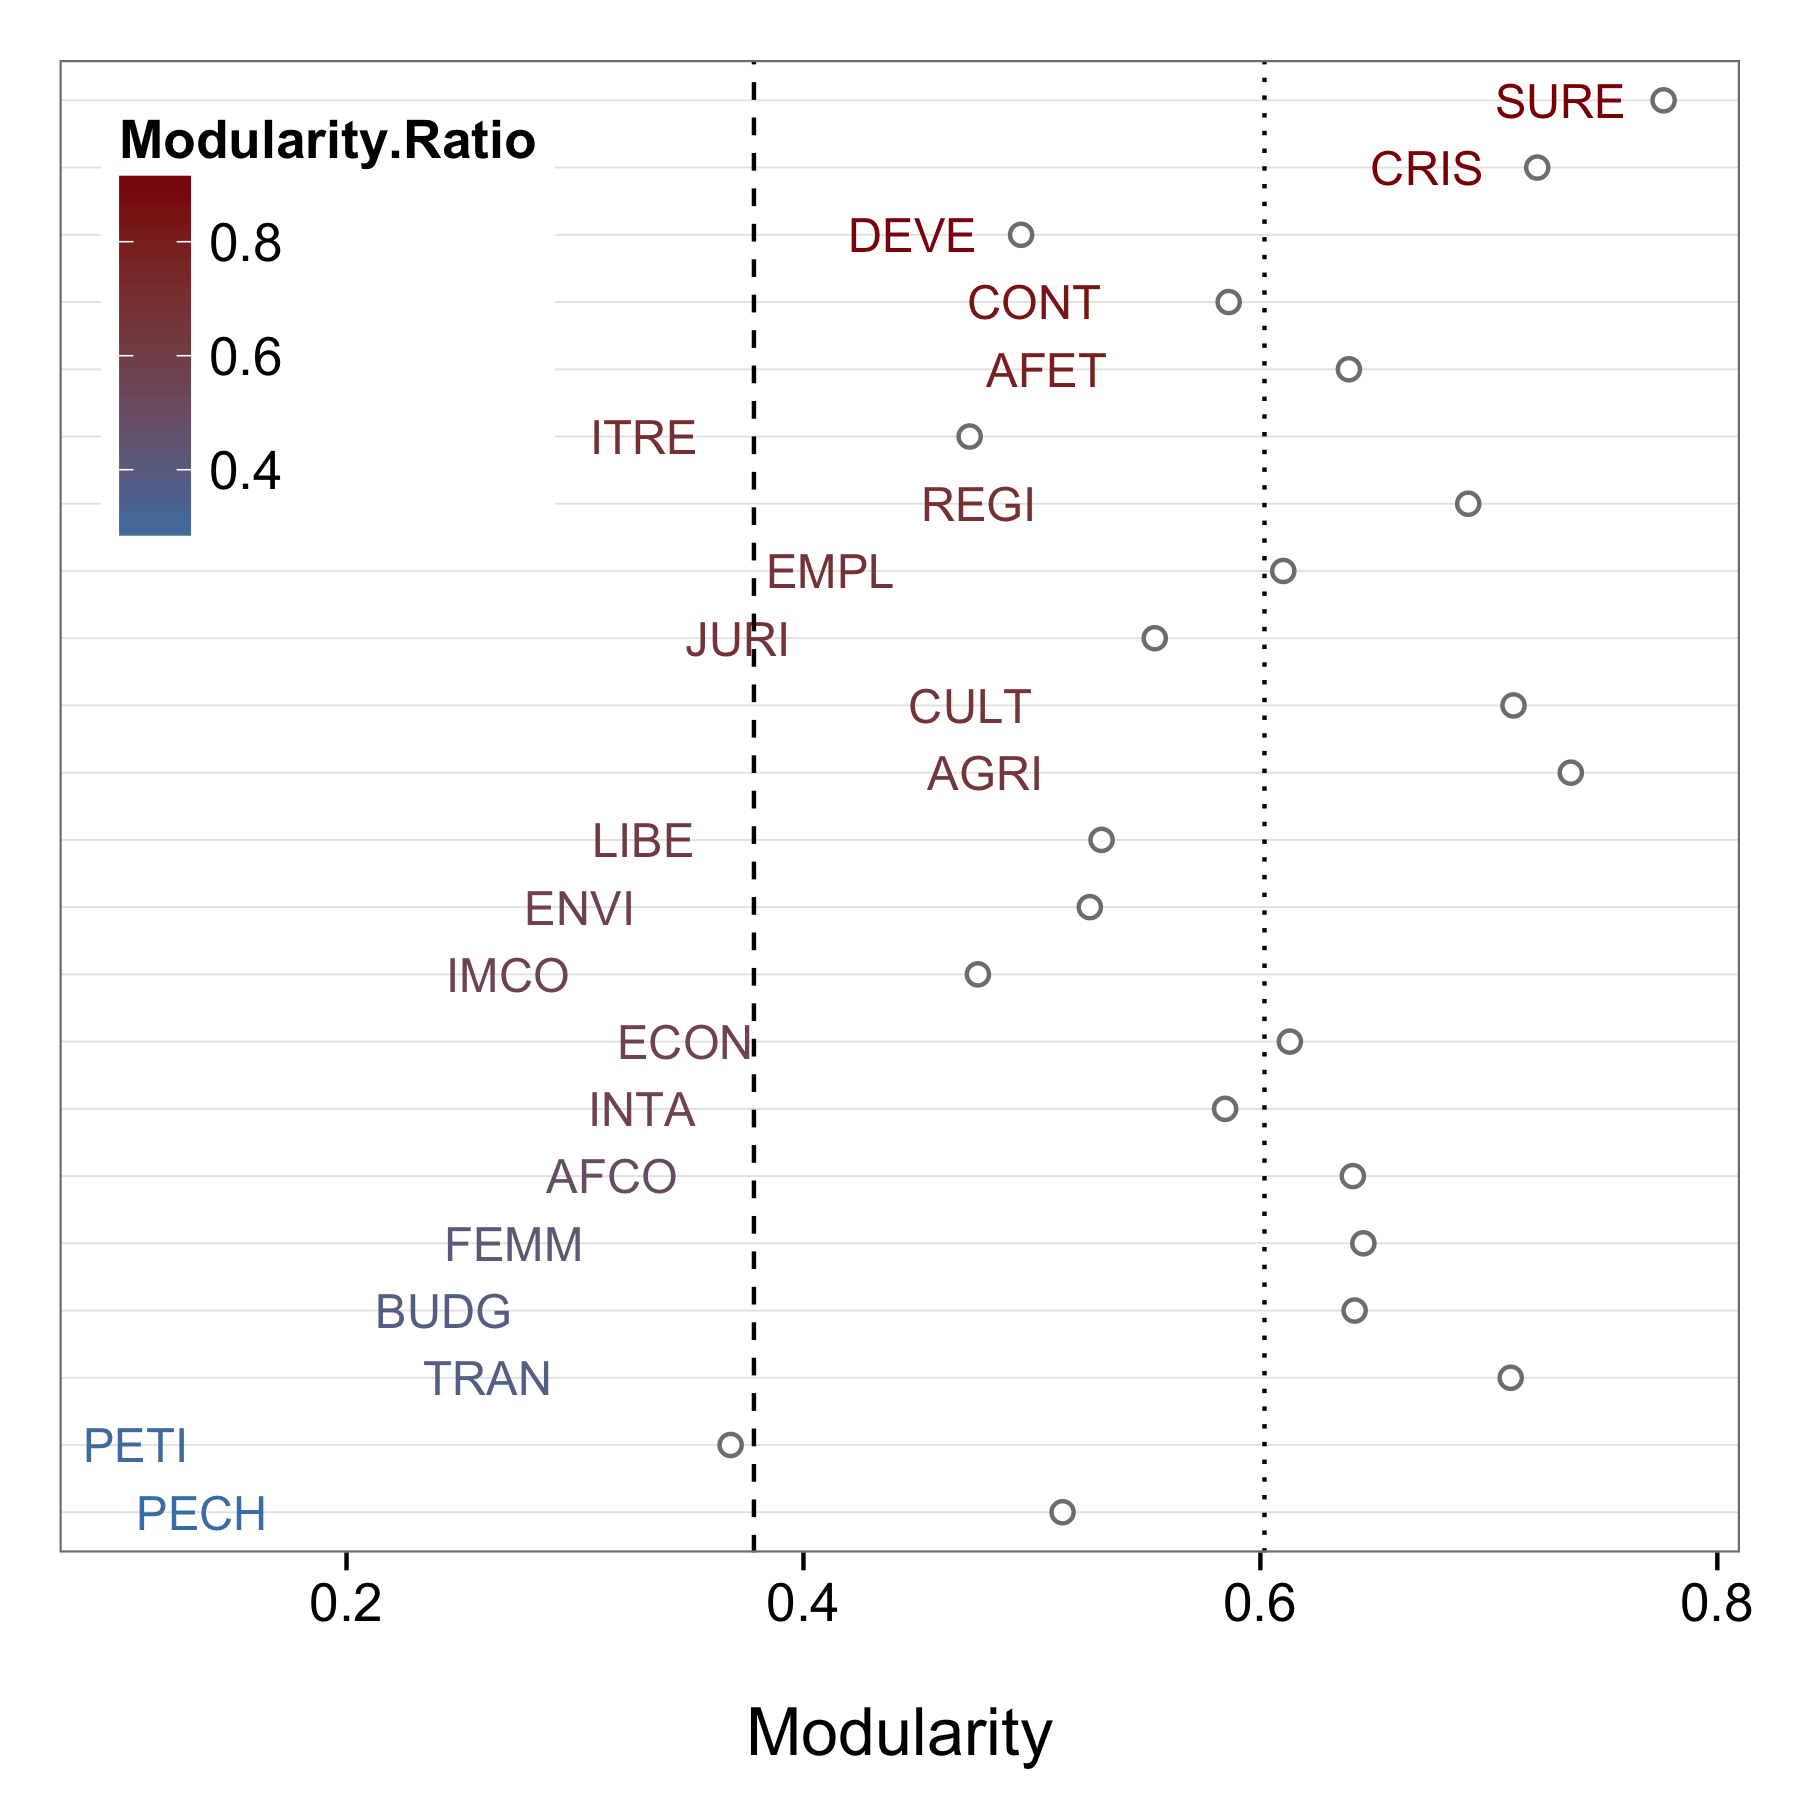 les points gris donnent la modularit maximale mesurable algorithmes louvain et walktrap